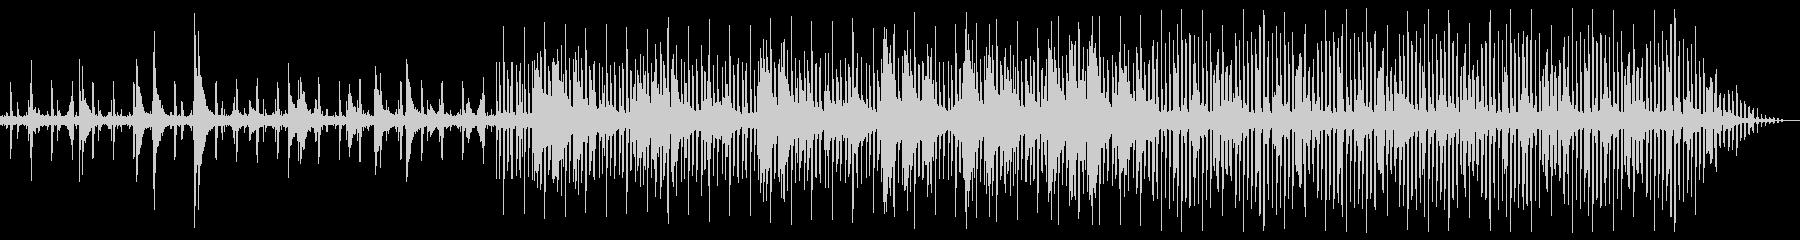 アート音楽 個性的で革新的なCMにの未再生の波形